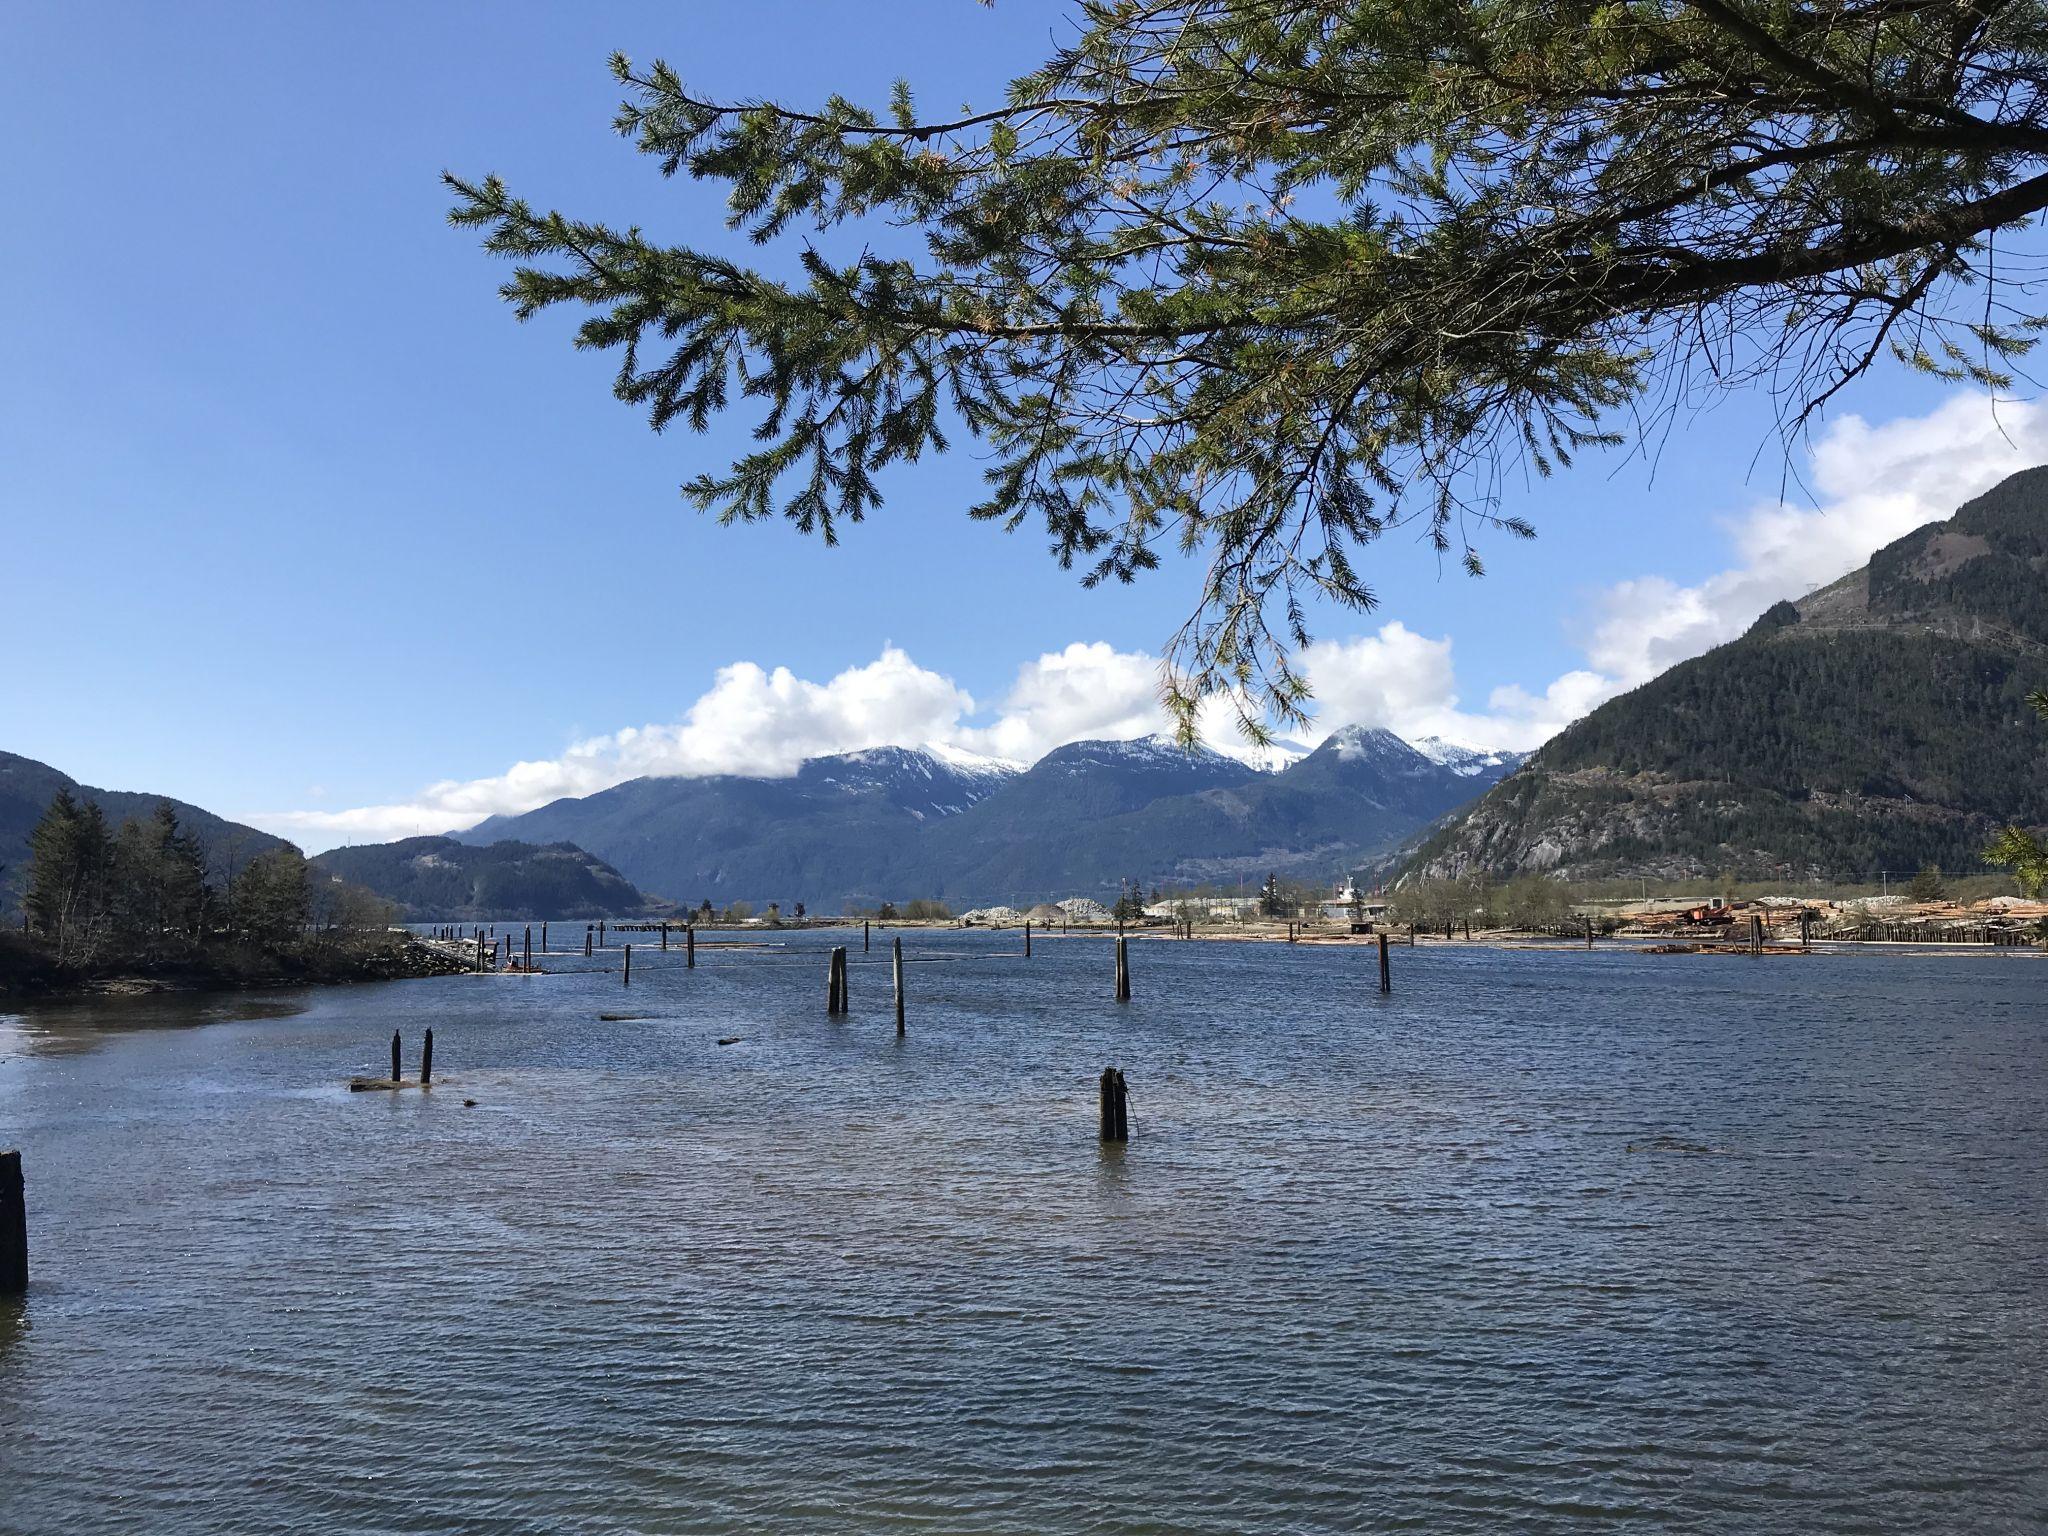 Squamish logging port, Canada